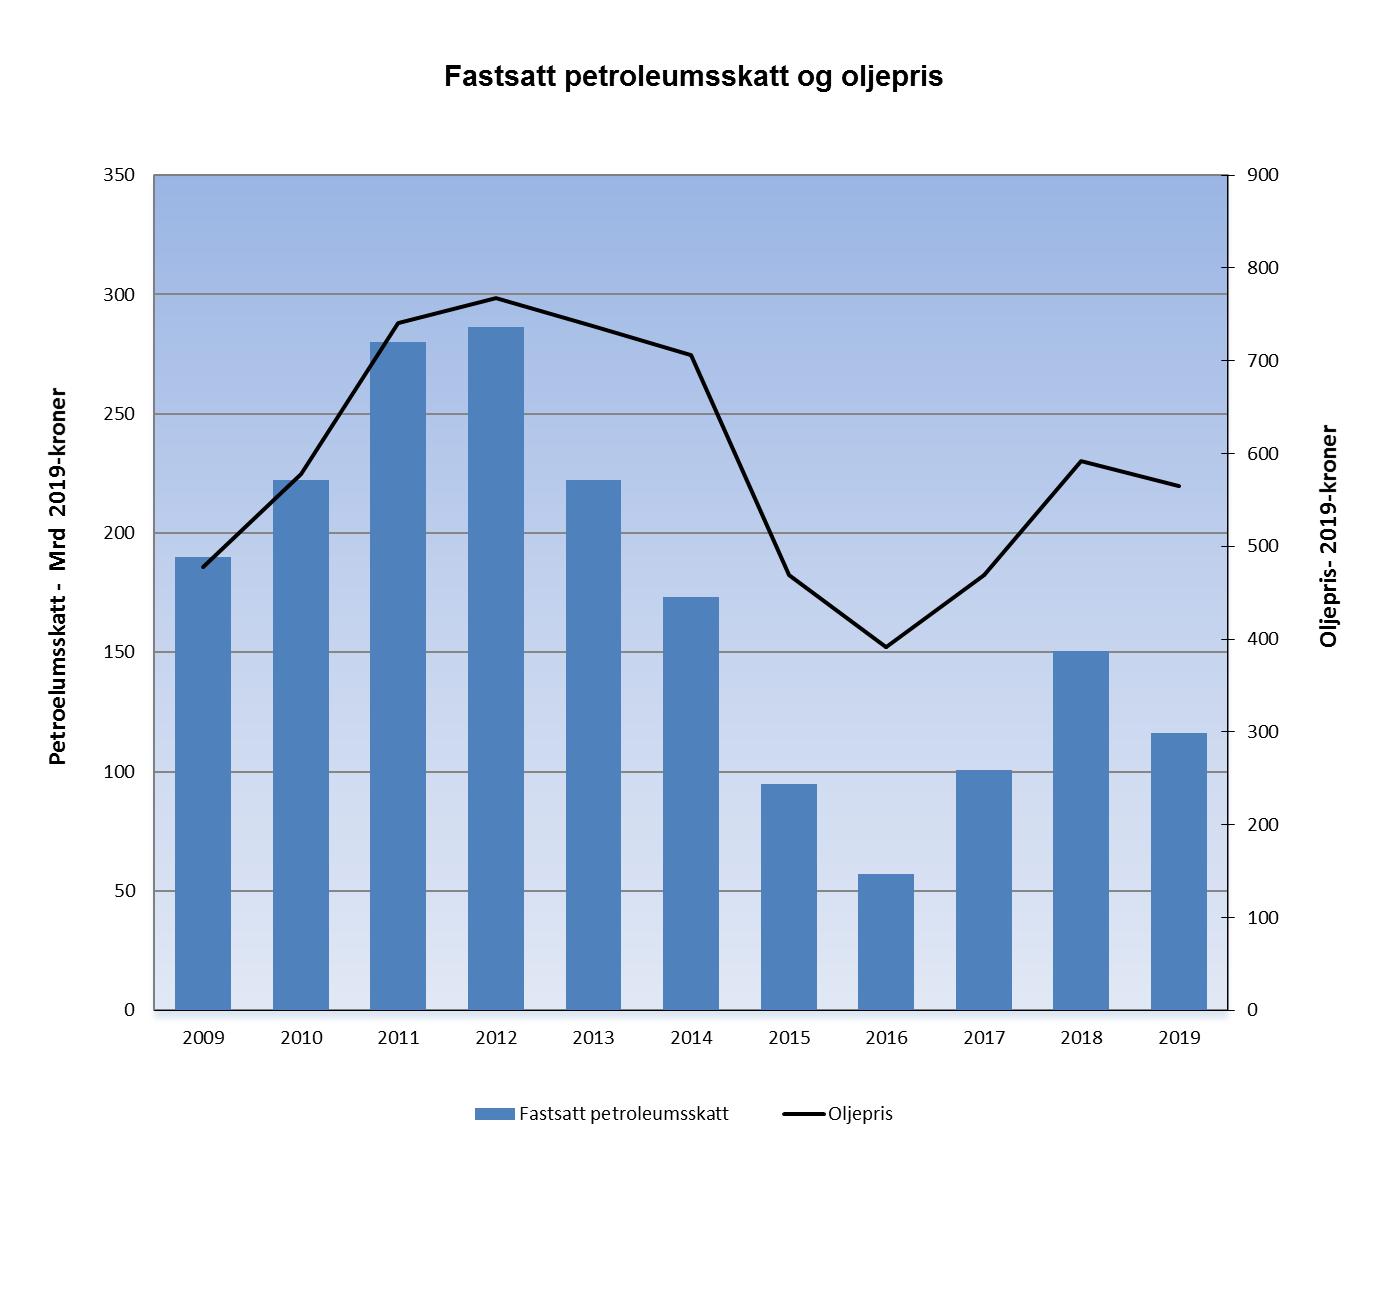 Fastskatt petroleumsskatt og oljepris